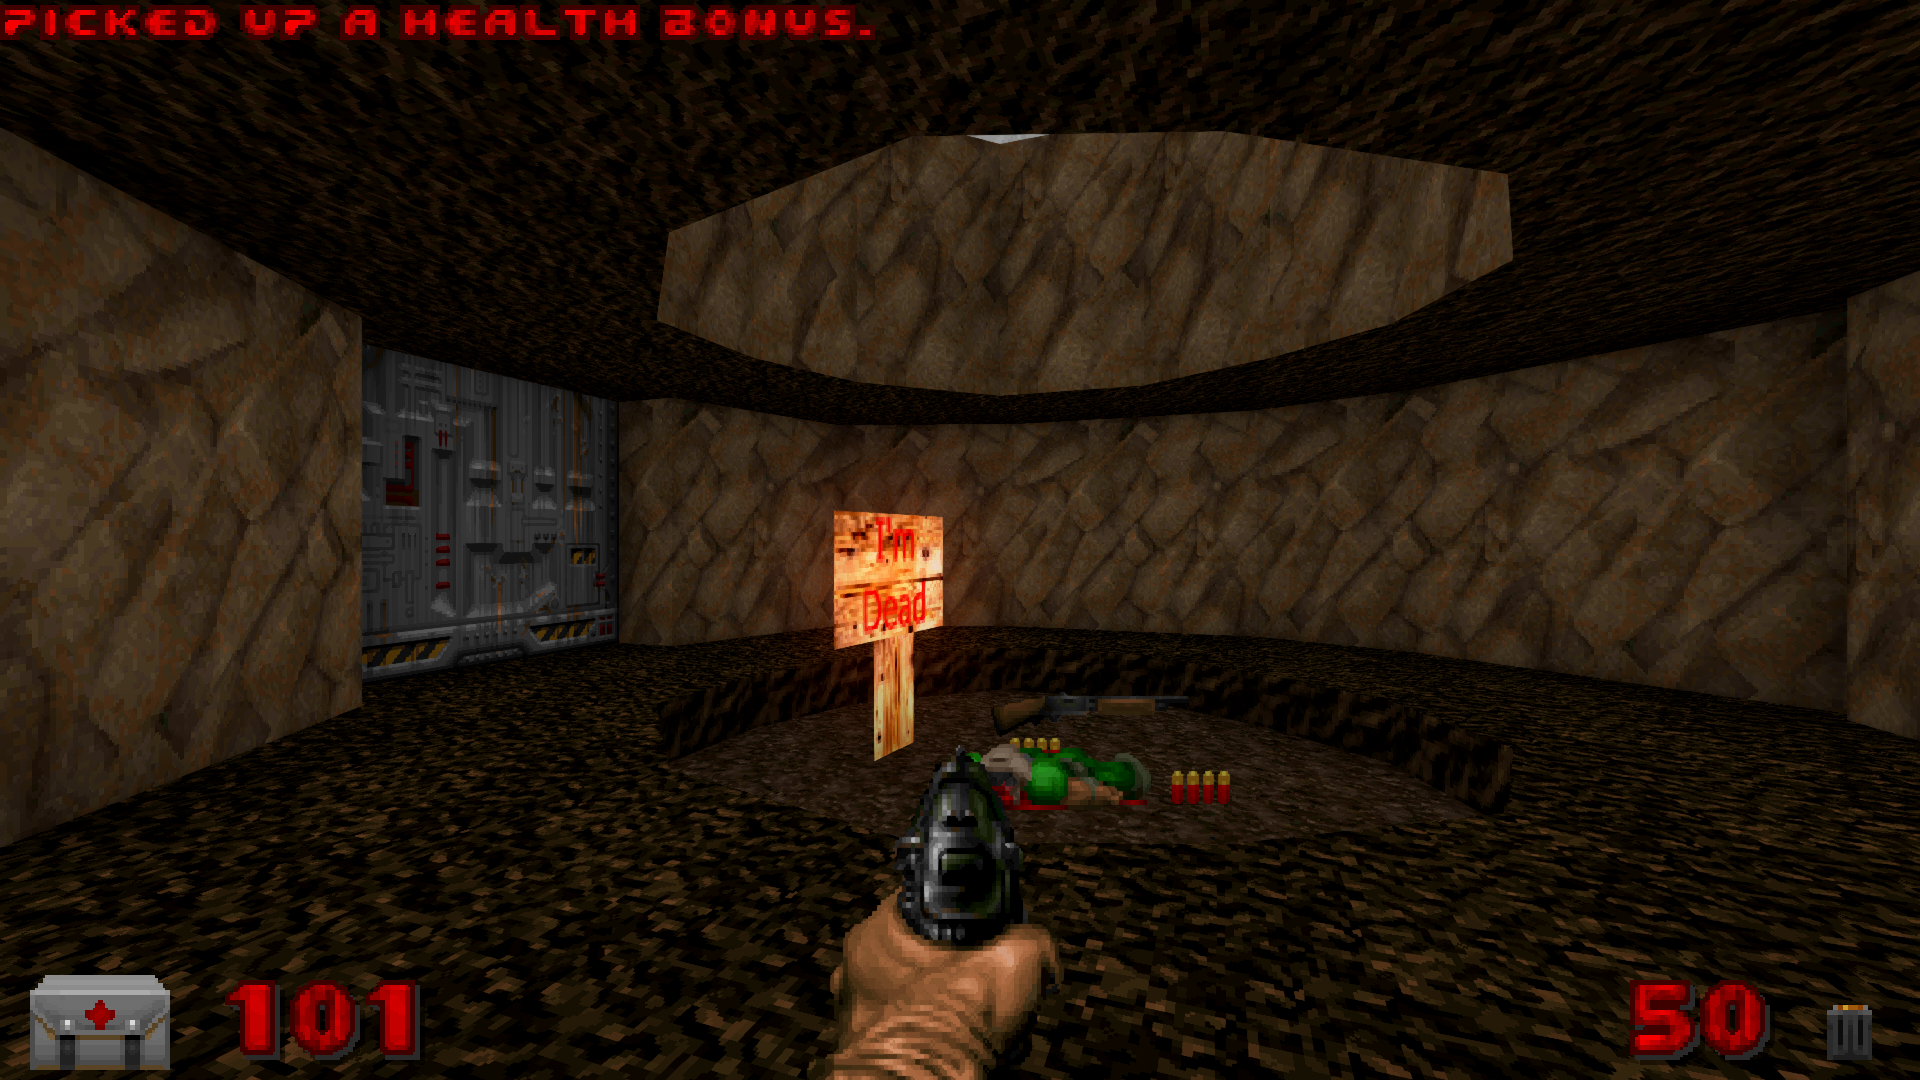 Screenshot_Doom_20210225_184642.png.53b98b737208c0bca8b4c63057949e71.png